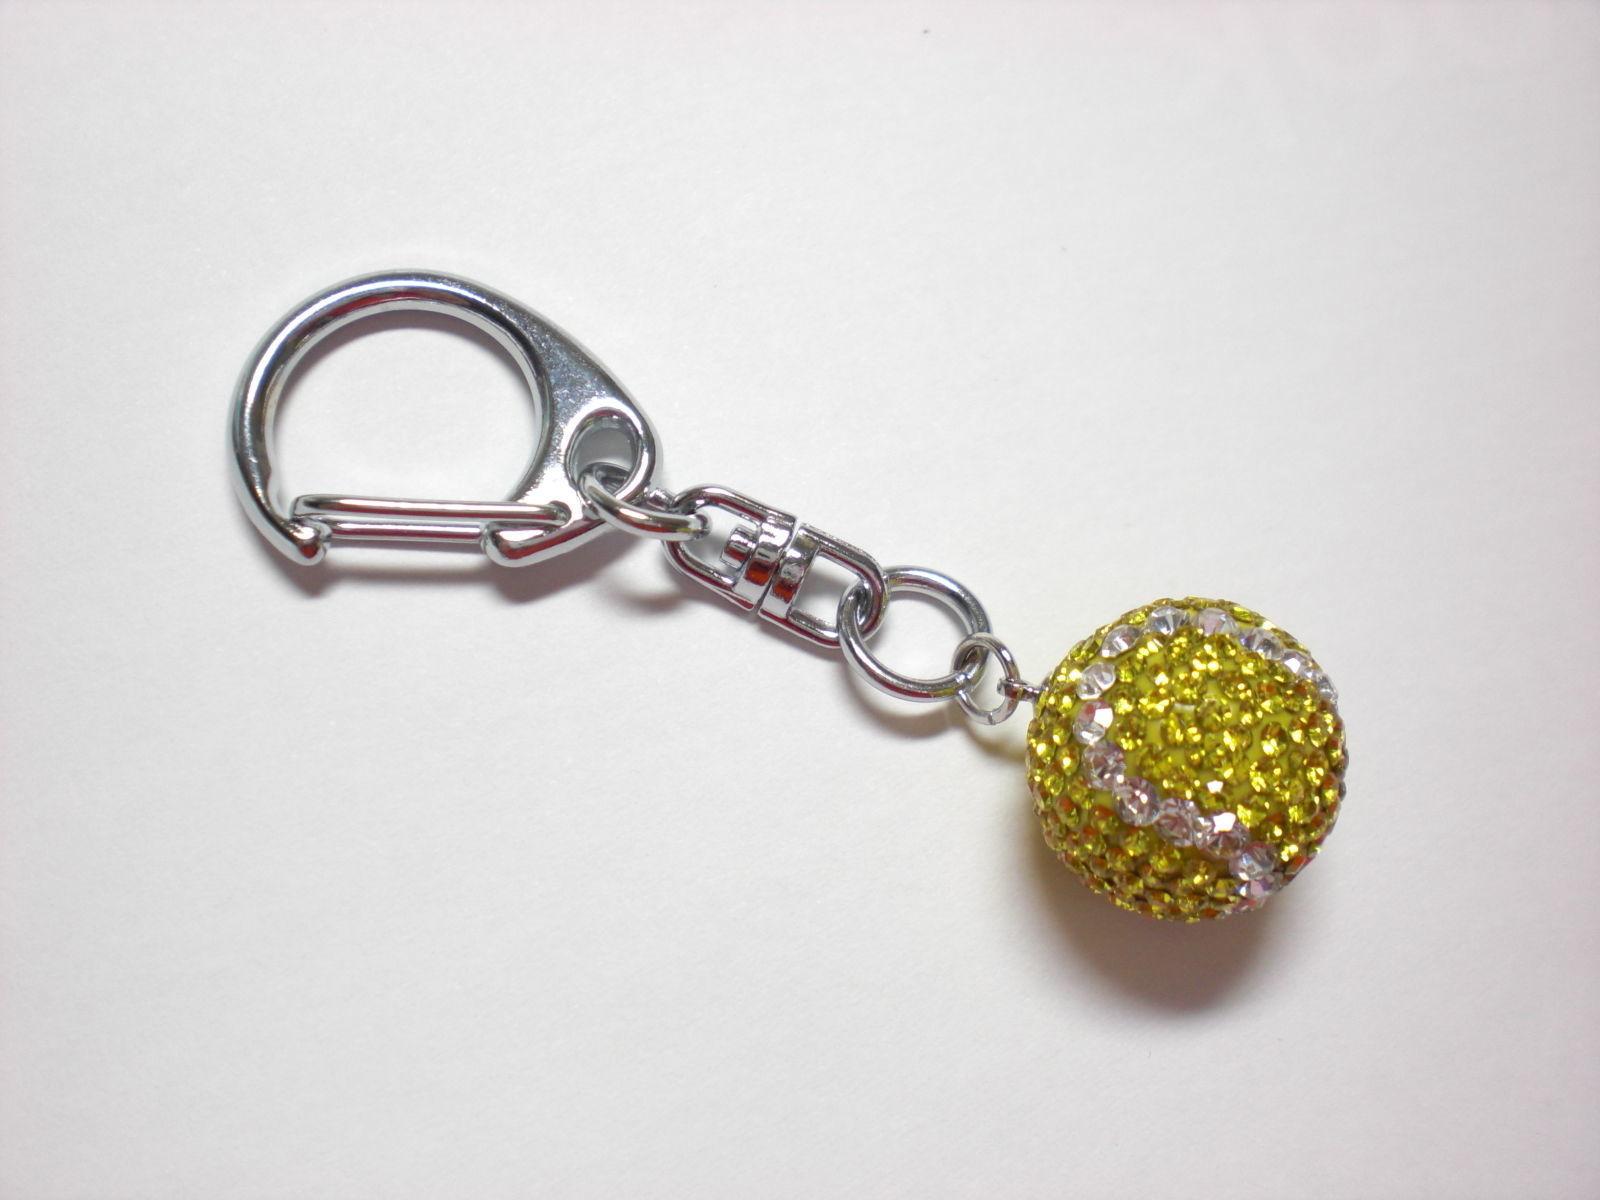 キラキラ テニスボール(S) キーホルダー